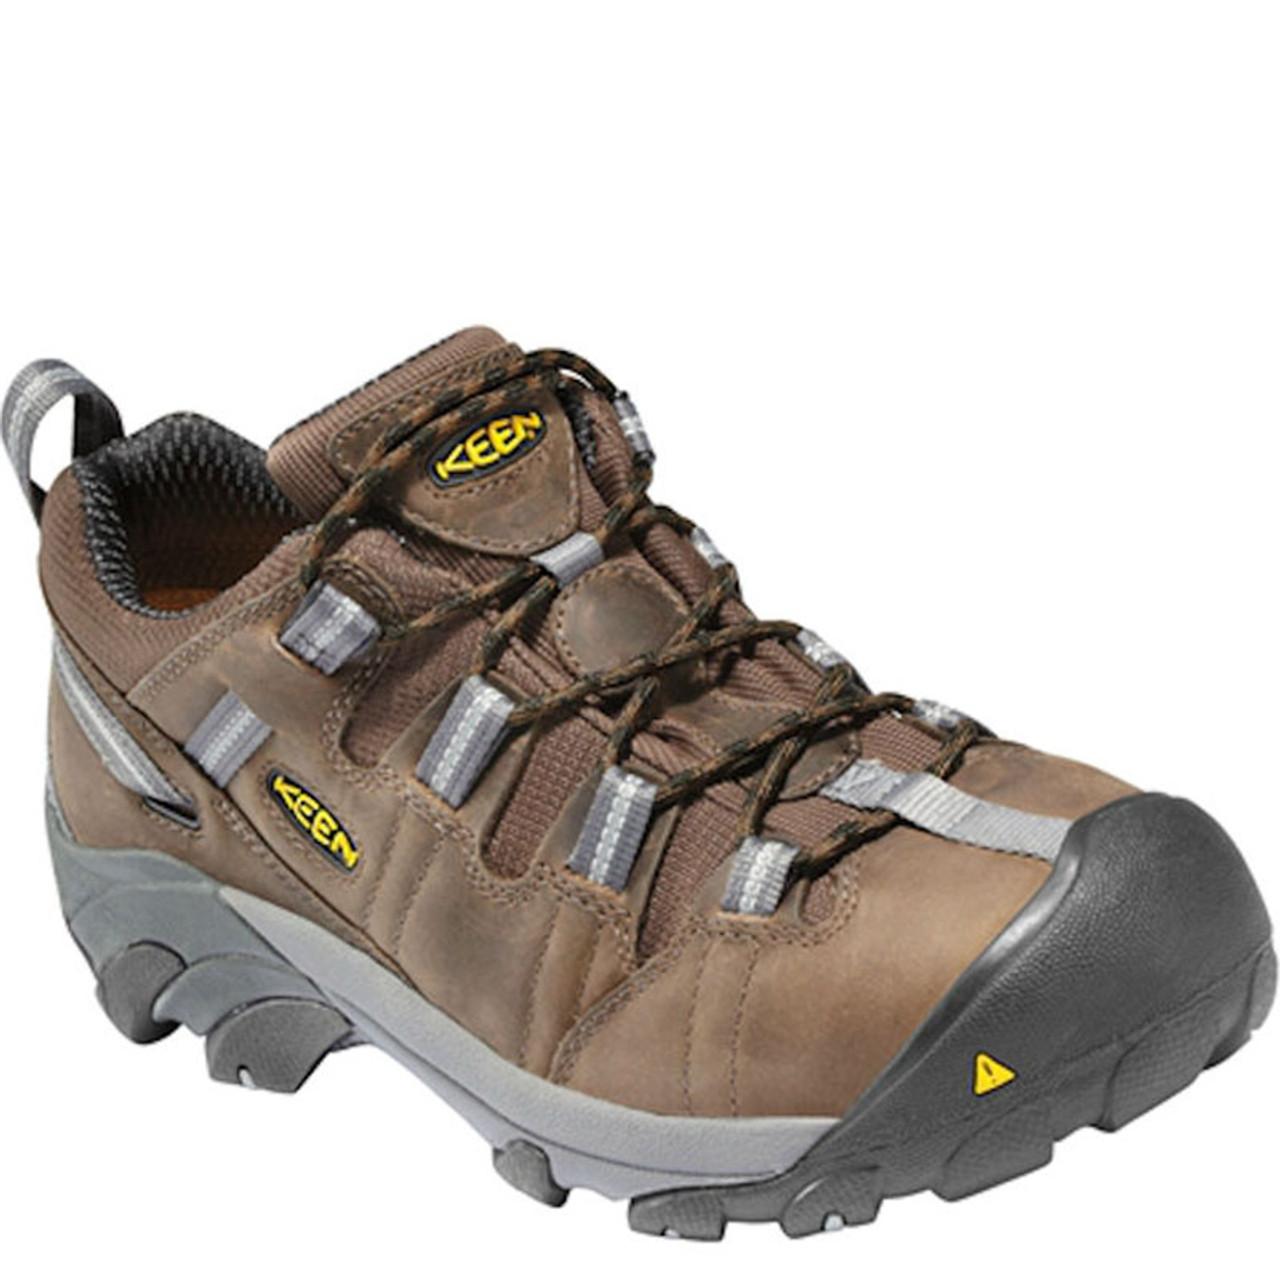 Keen Utility 1007012 DETROIT Steel Toe